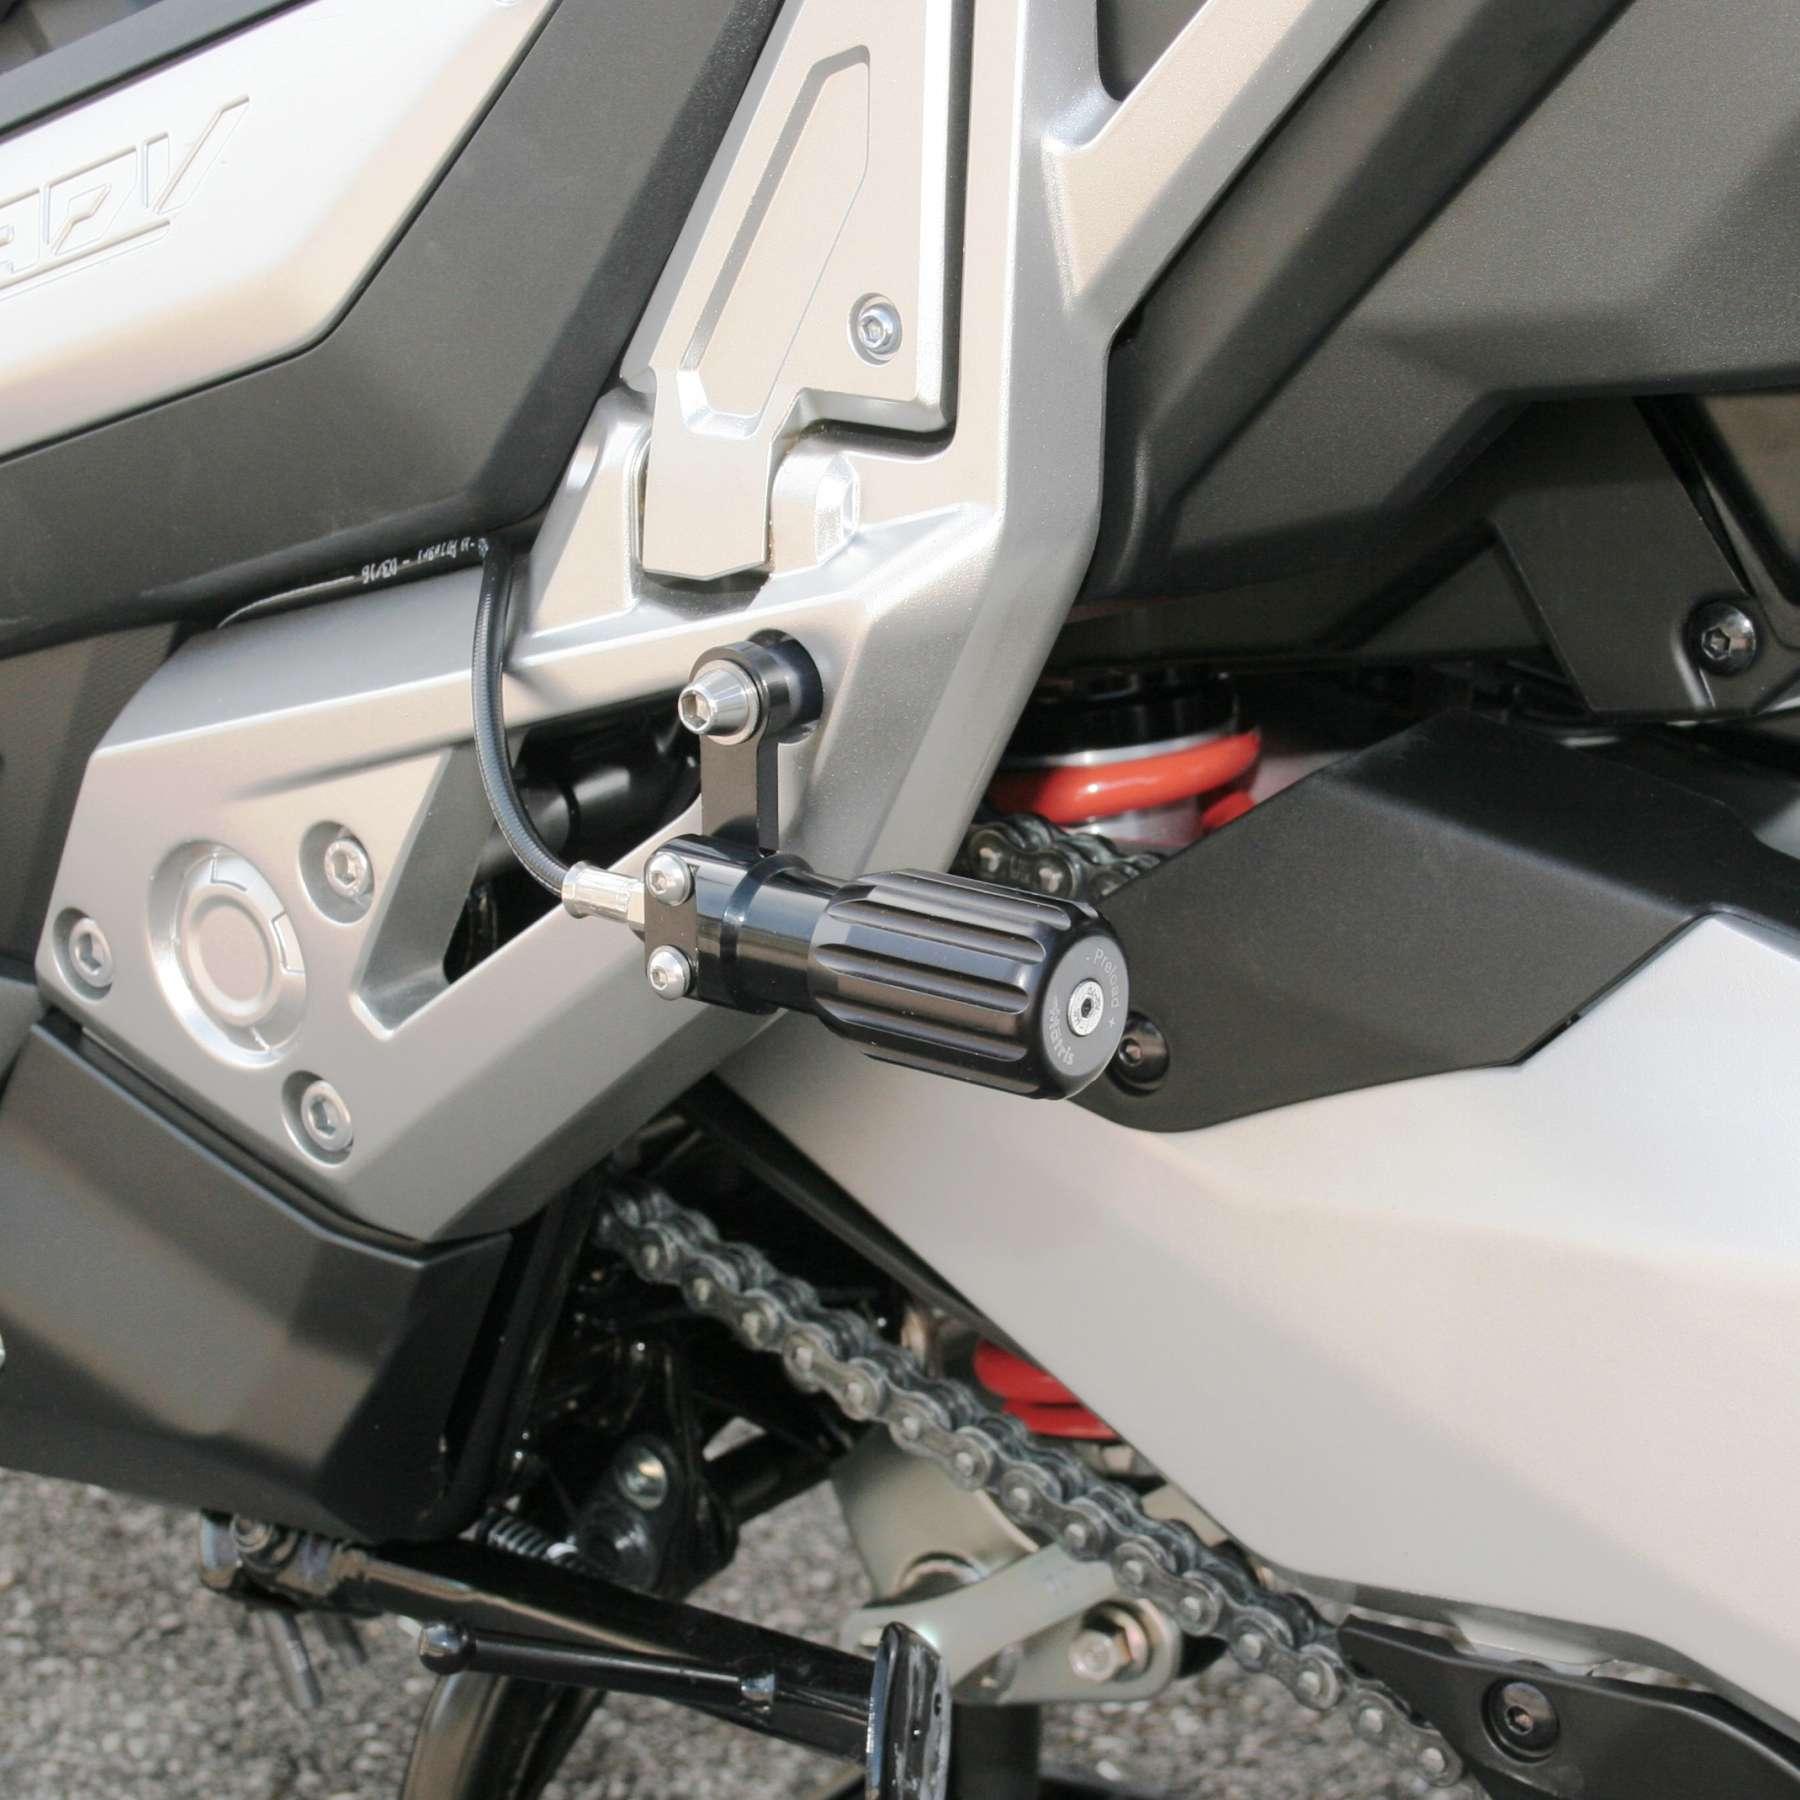 Honda X-ADV 750 2017 - Matris Dampers